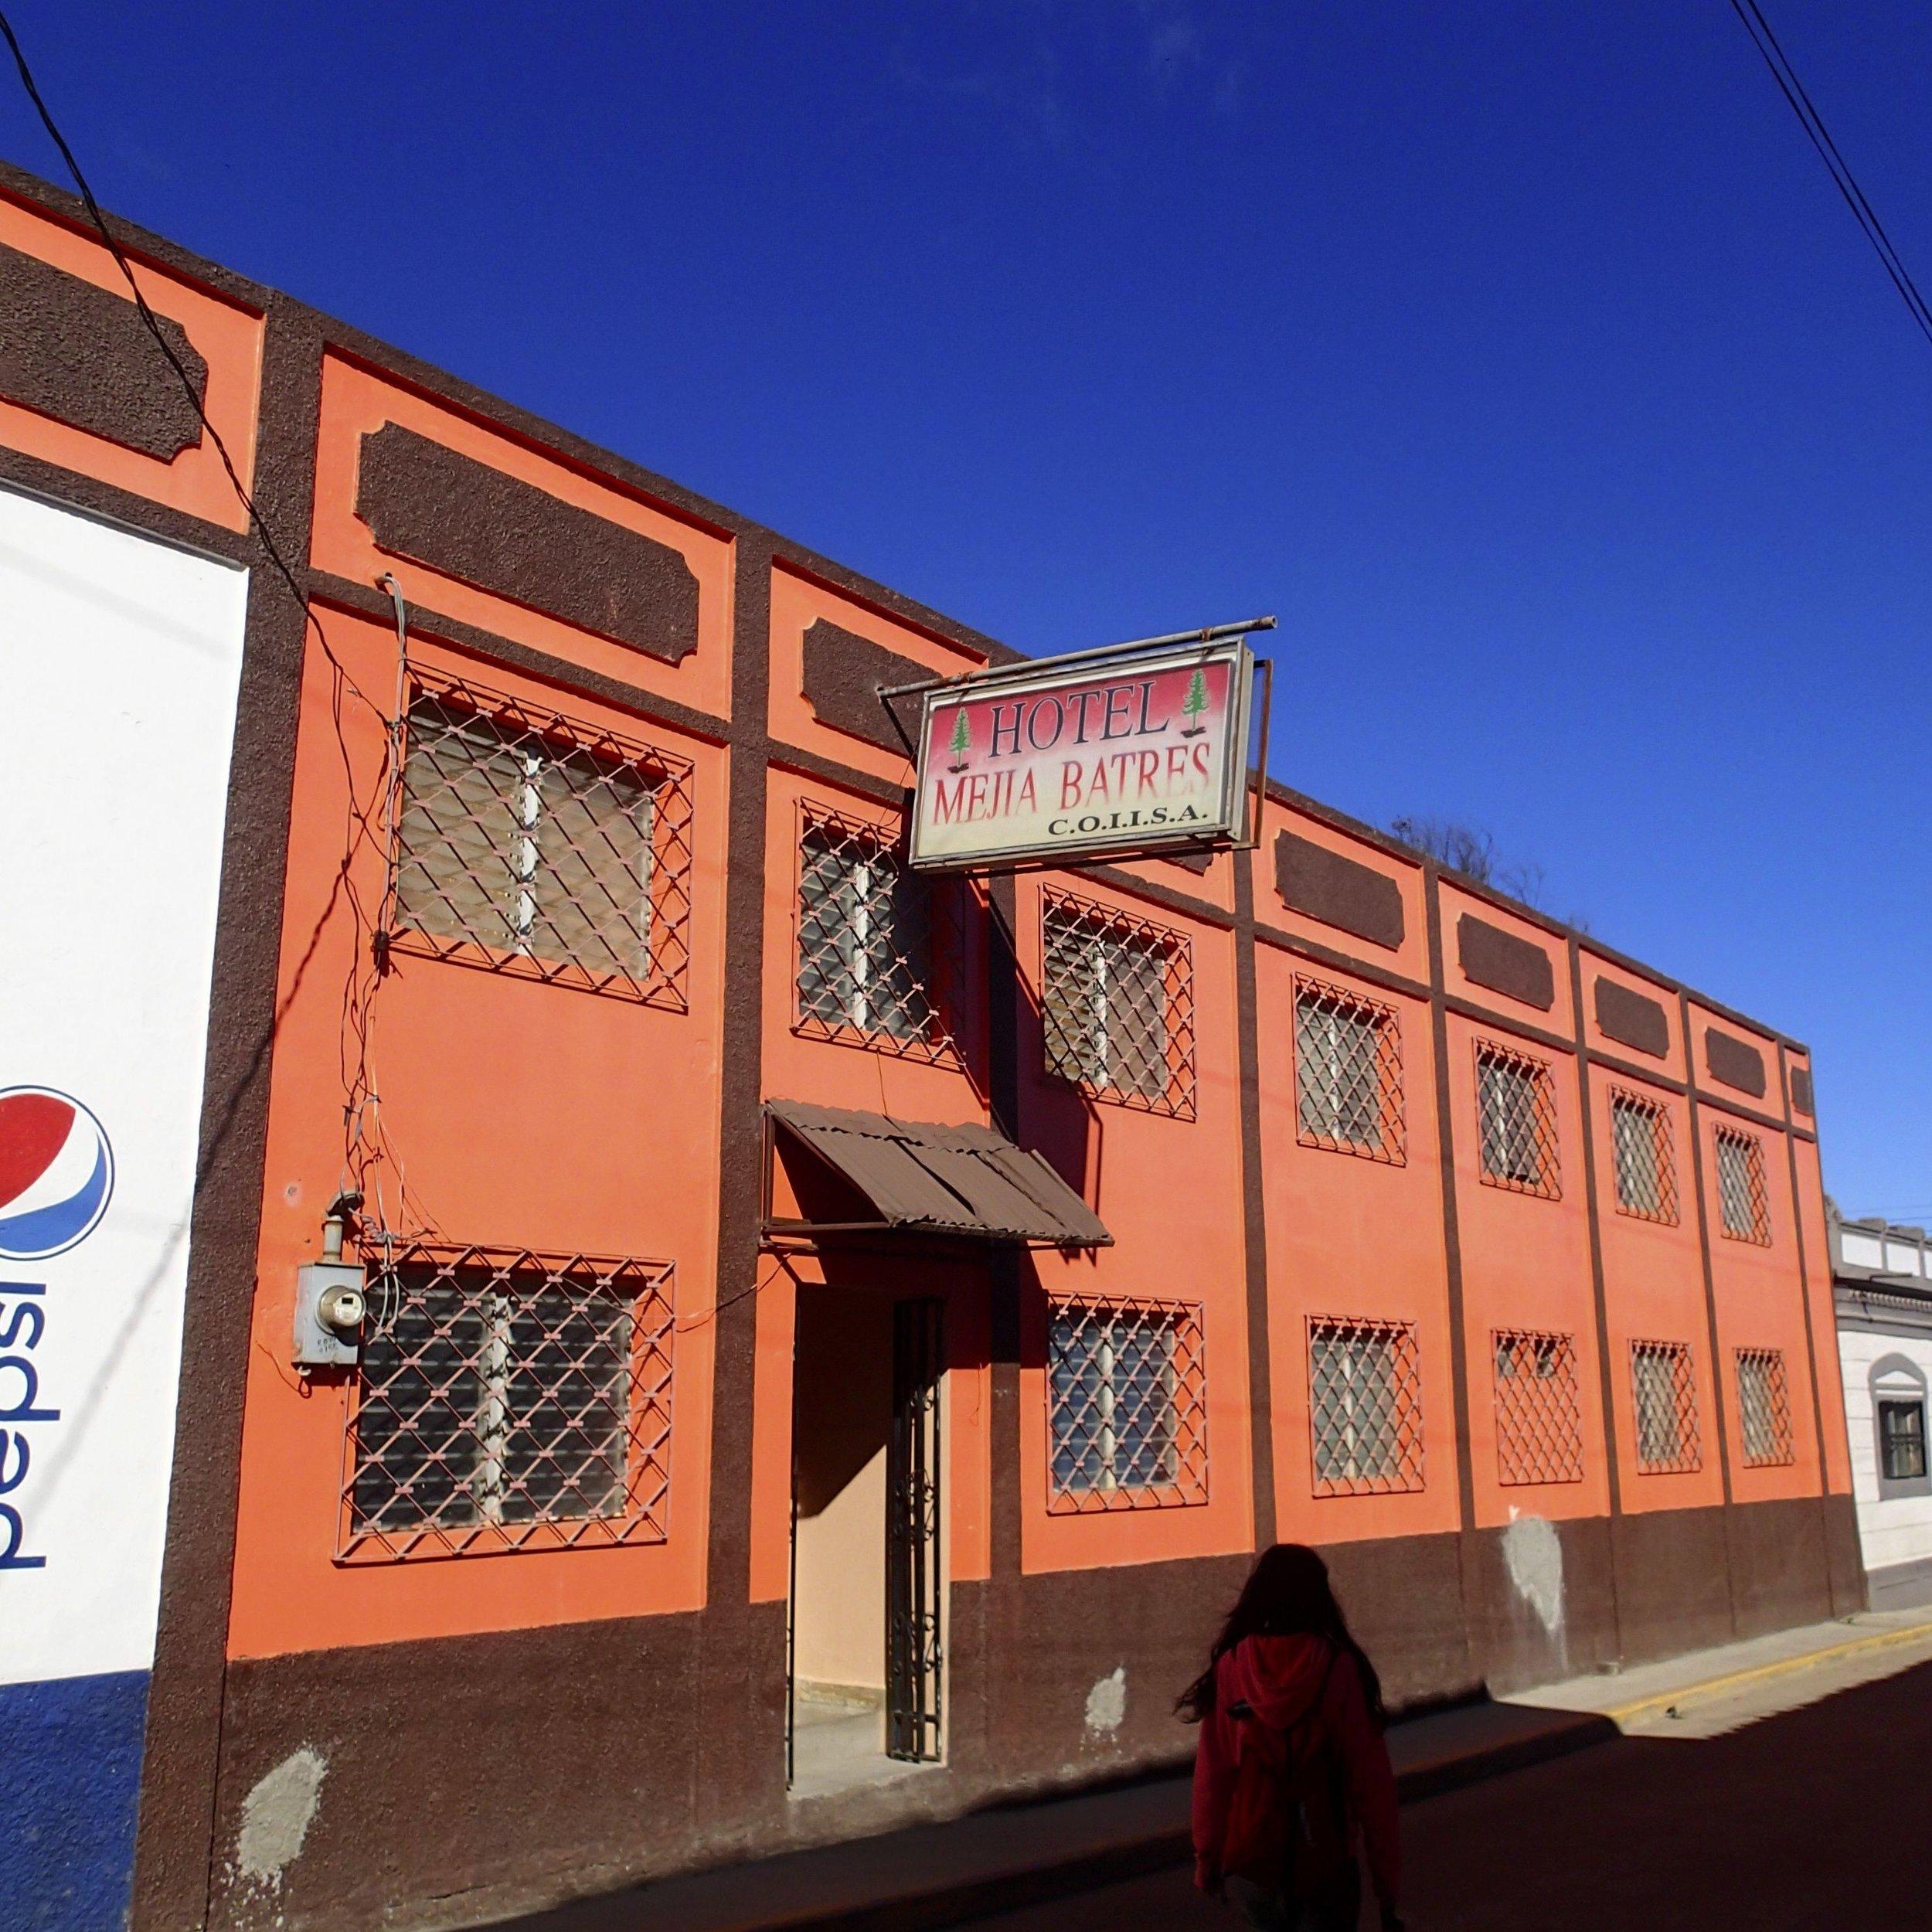 Hotel Mejia Batres-2.jpg